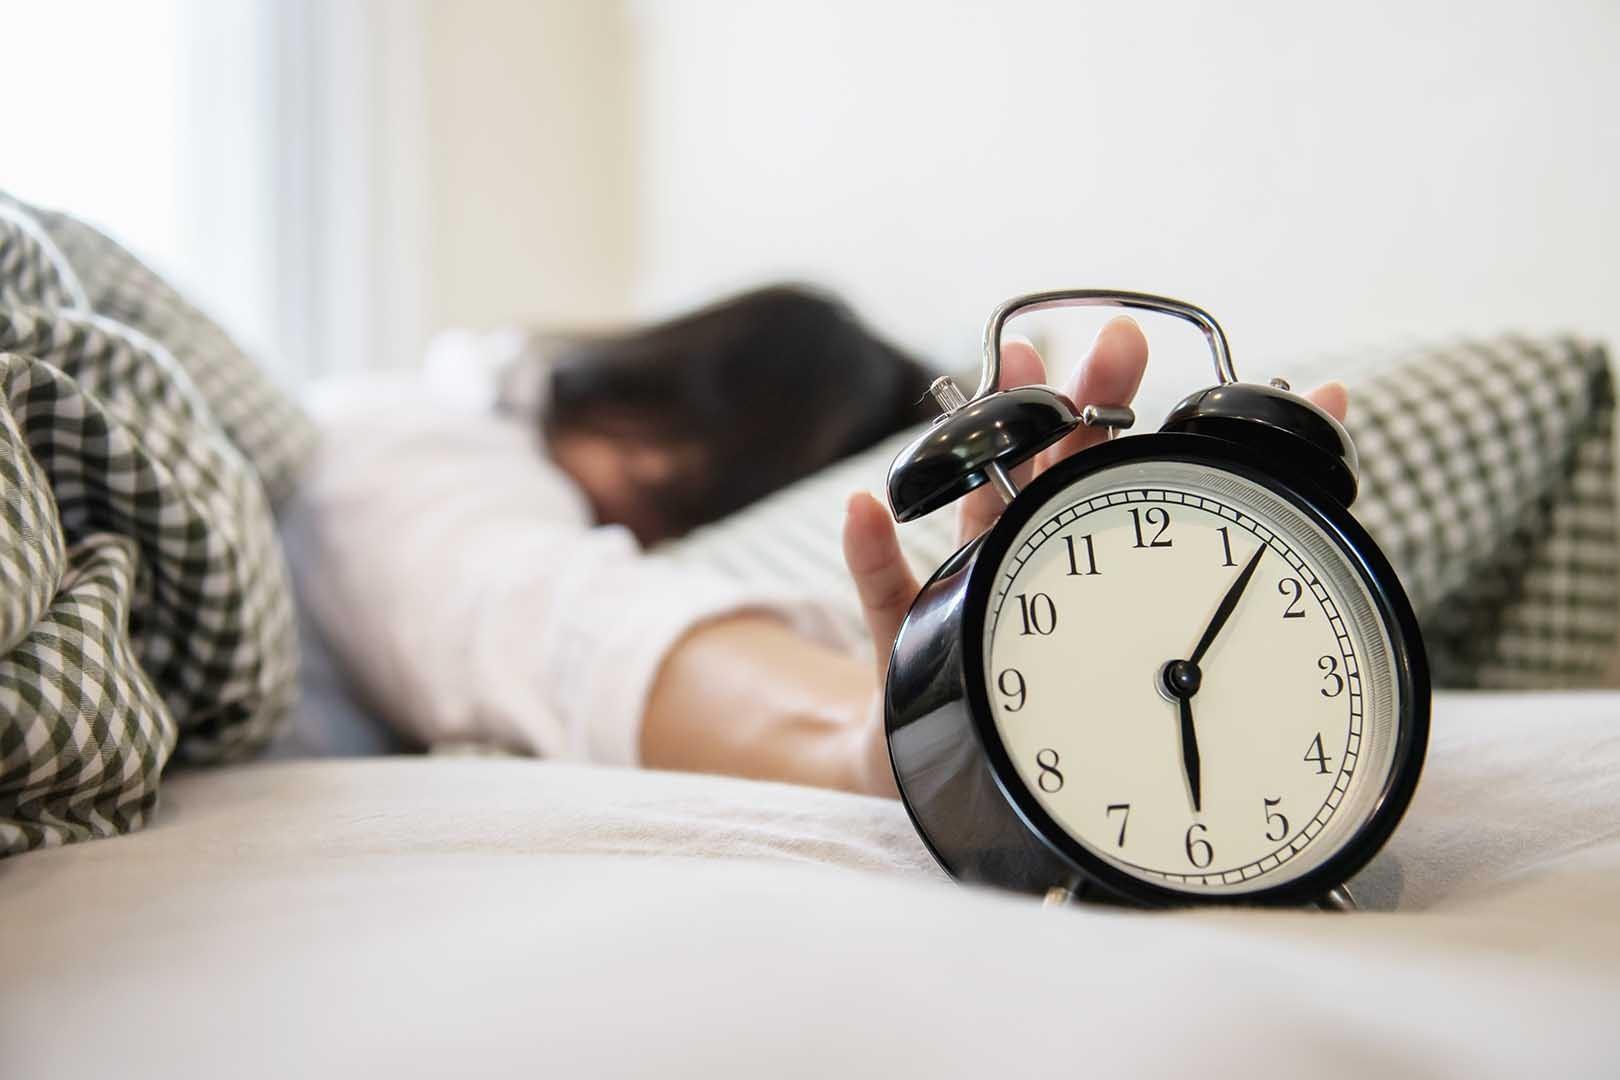 jam-tidur-yang-baik